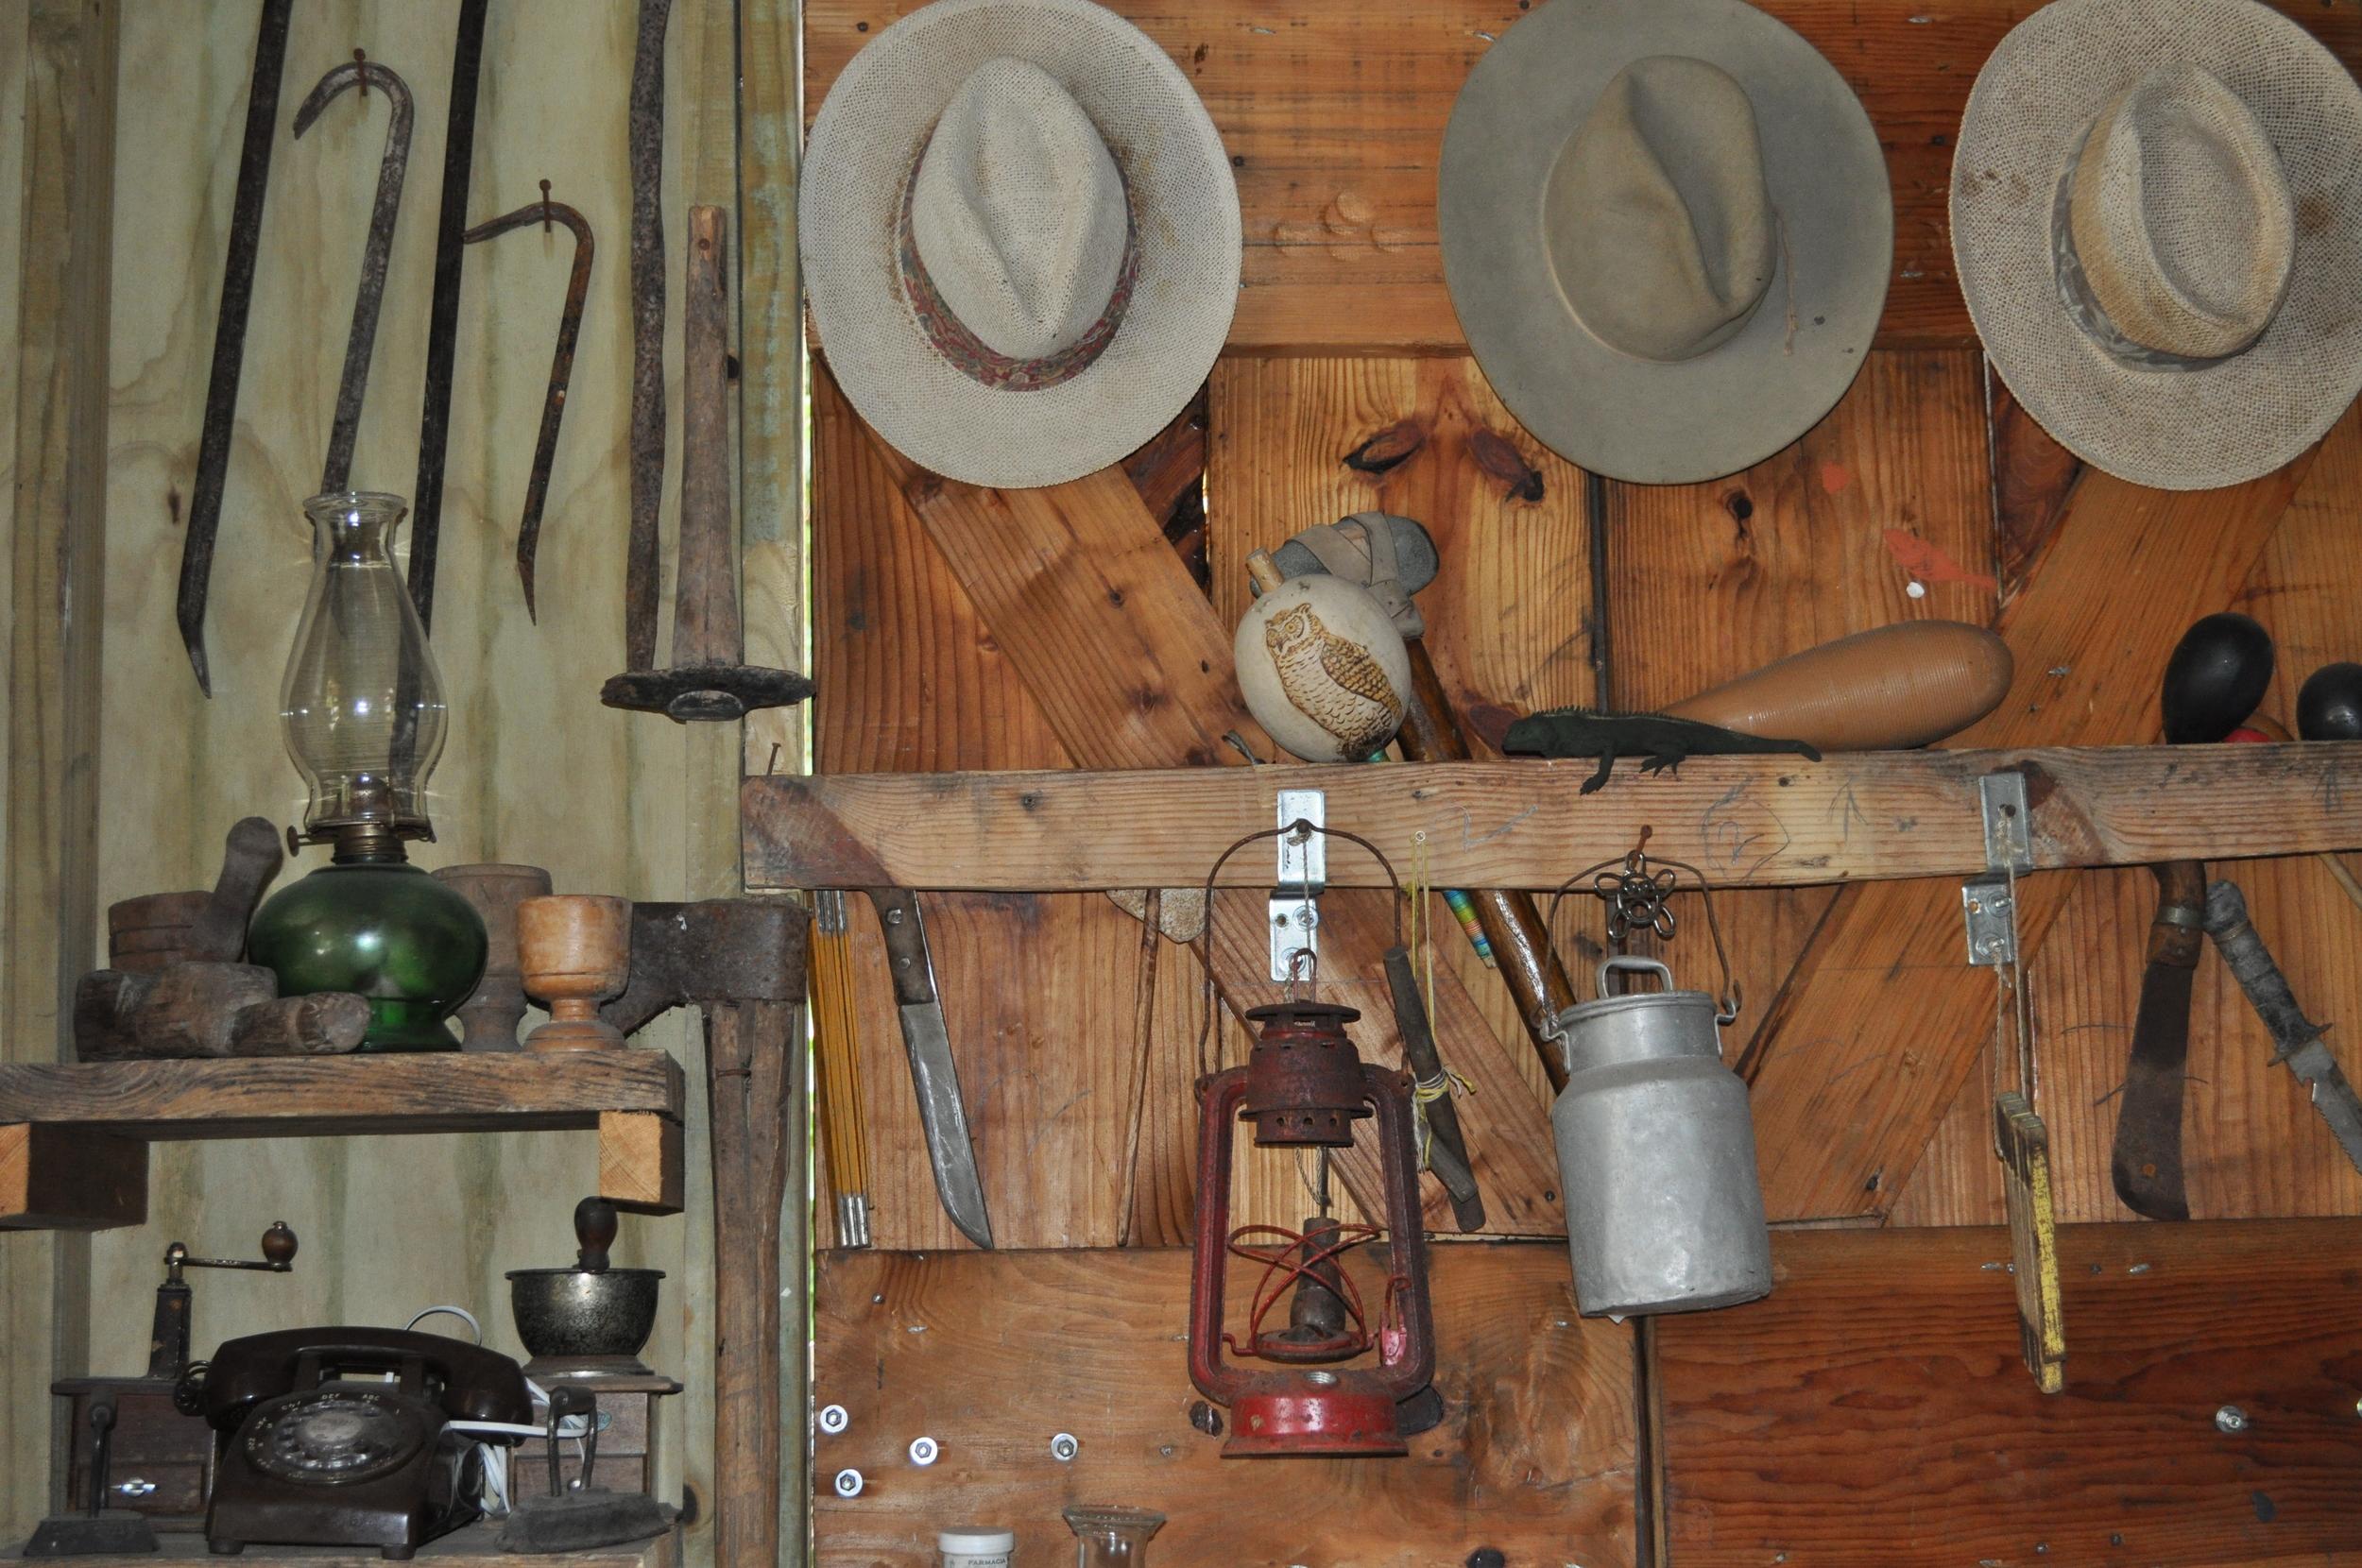 El Total de Enrique has an infinite amount of antiques. Photo: Pamy Rojas